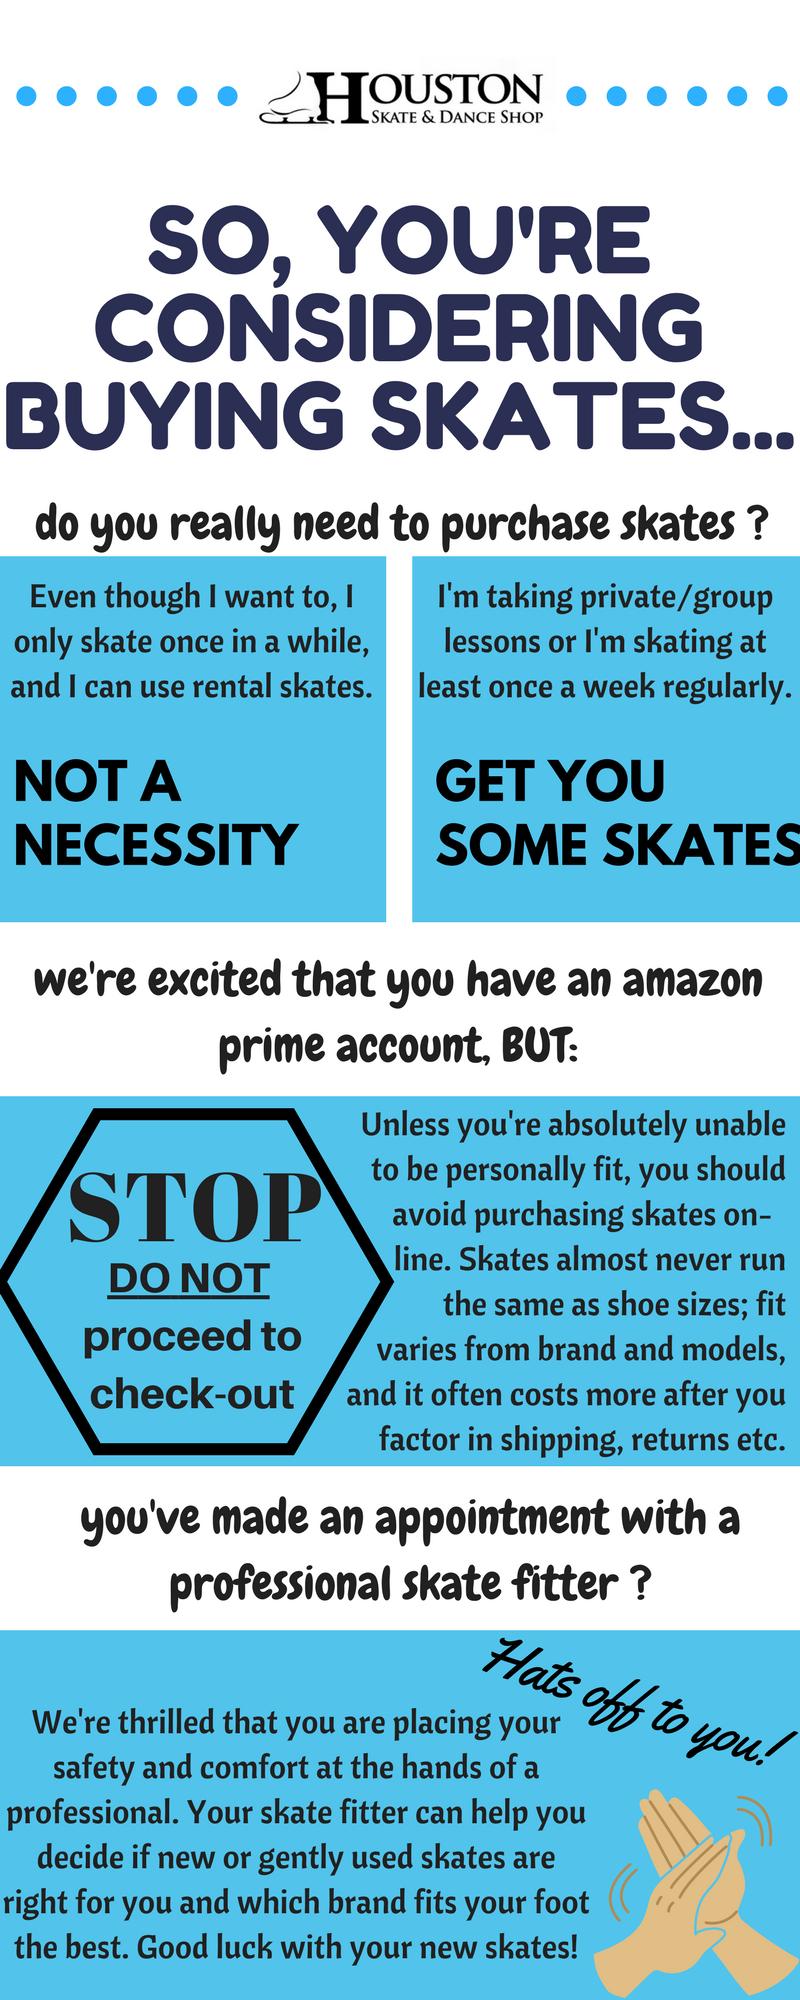 Buying Skates infographic